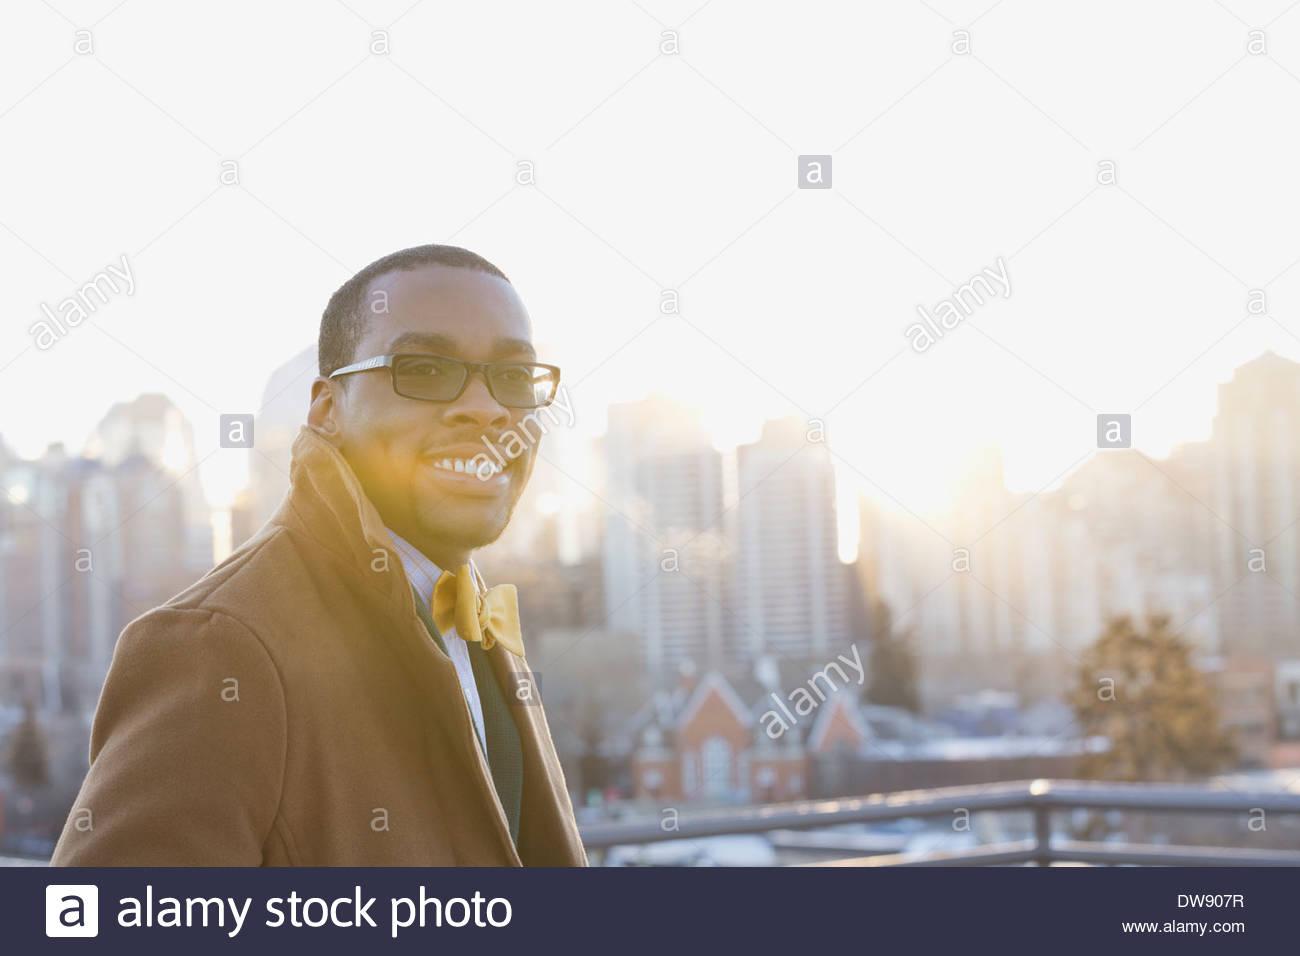 Porträt von lächelnden Mann gegen Stadtbild Stockbild